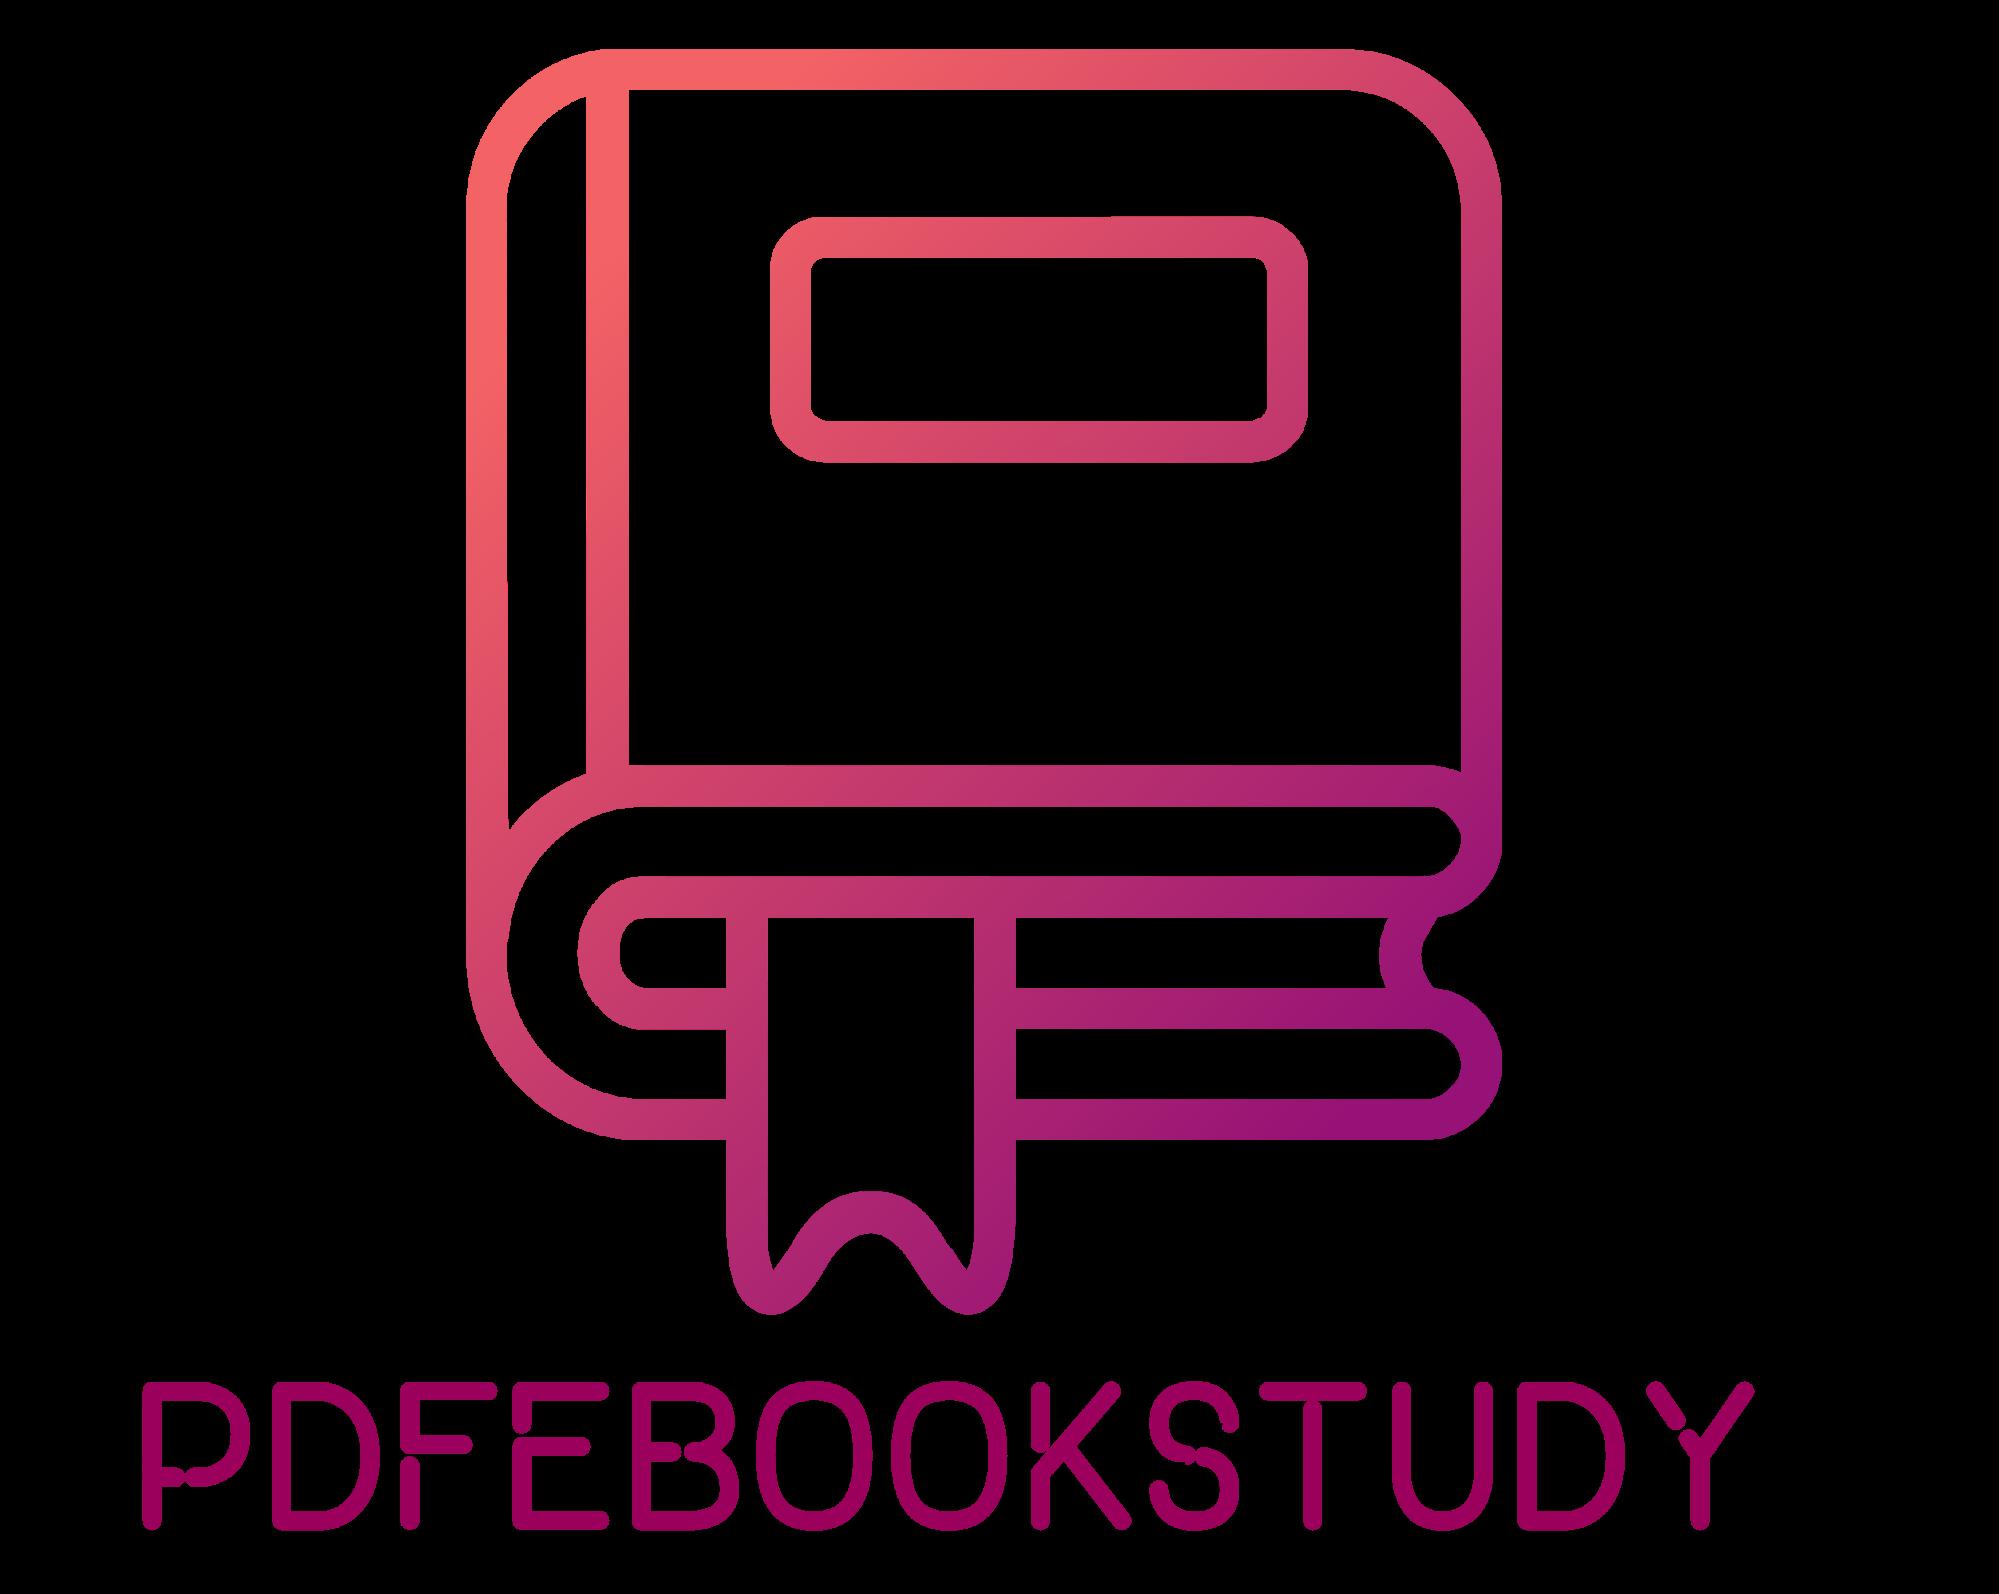 PDFeBookStudy